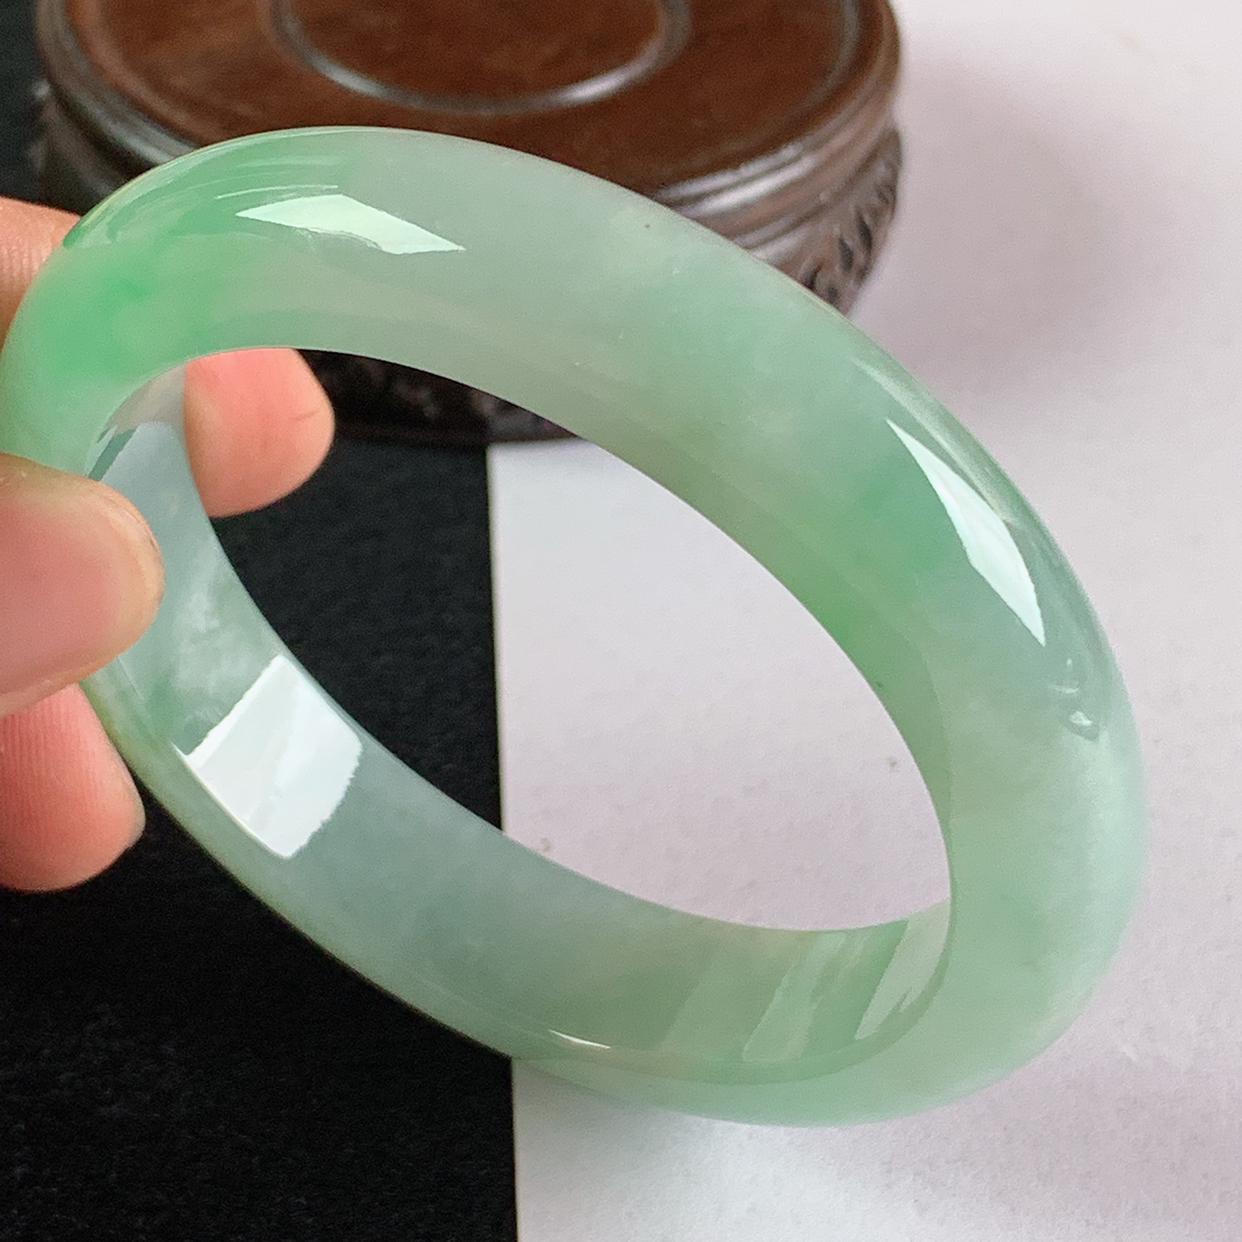 缅甸a货翡翠,水润飘绿正圈手镯56.7mm,玉质细腻,色彩艳丽,俏色迷人,条形大方得体,佩戴效果好